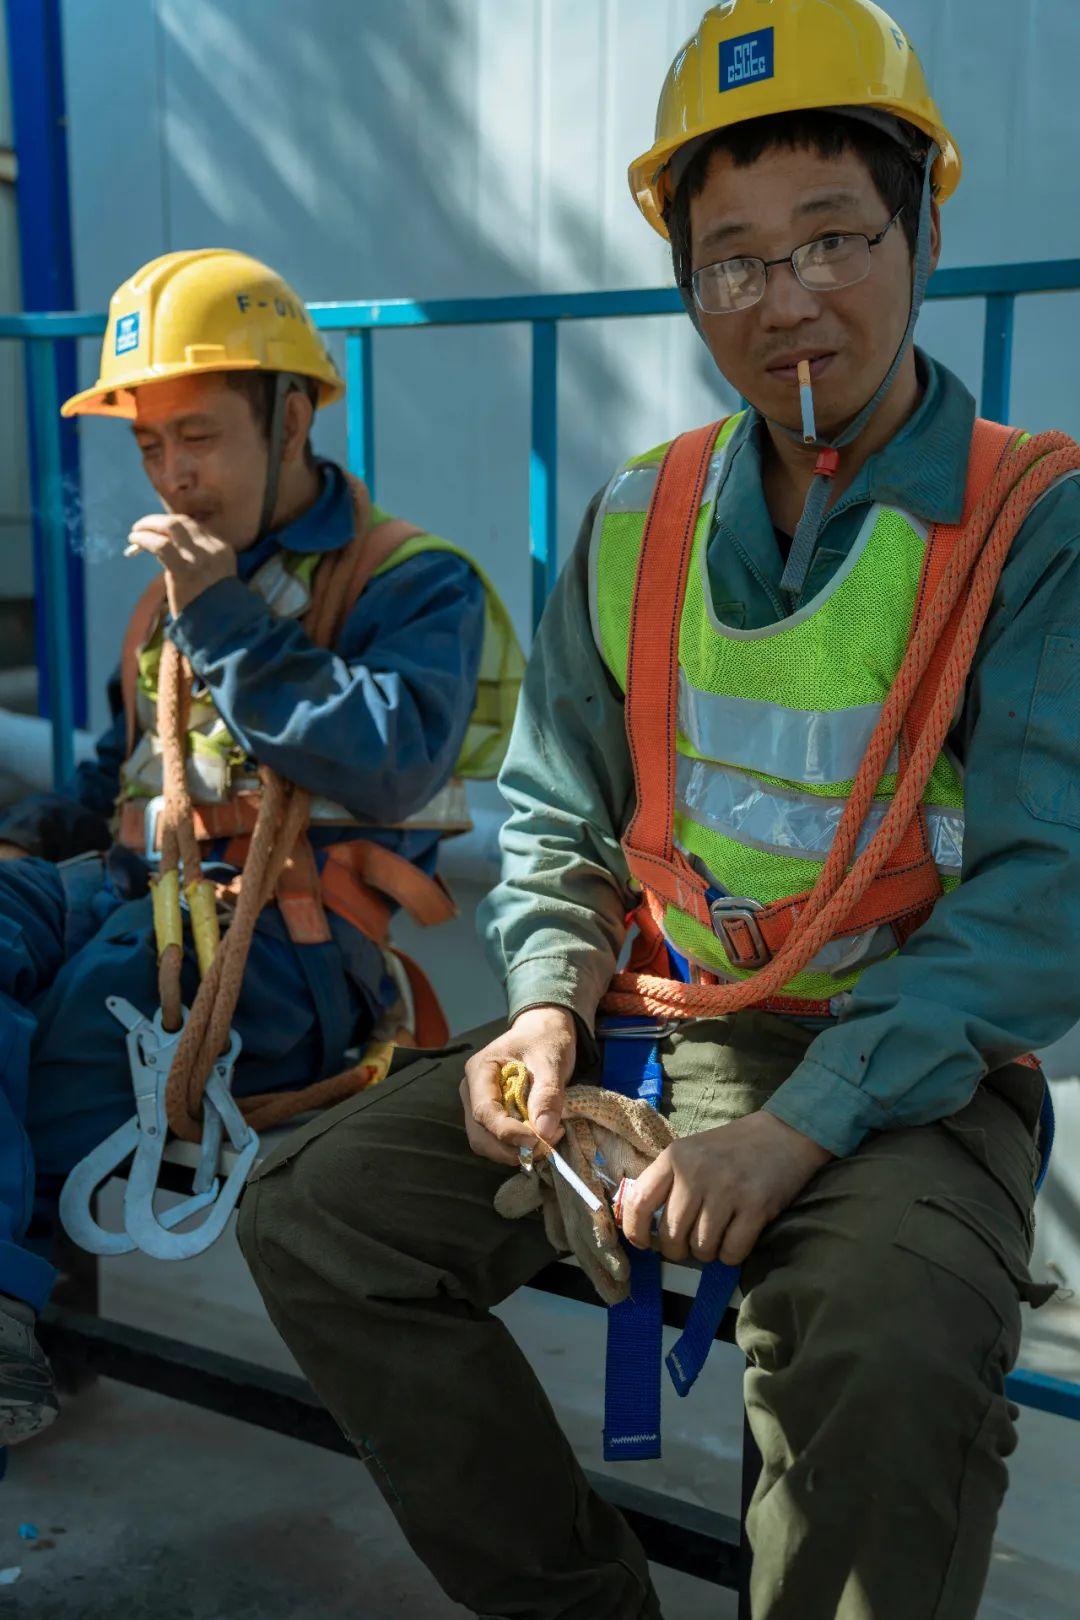 建筑工人面临着老龄化的问题,工地上很少看见年轻人